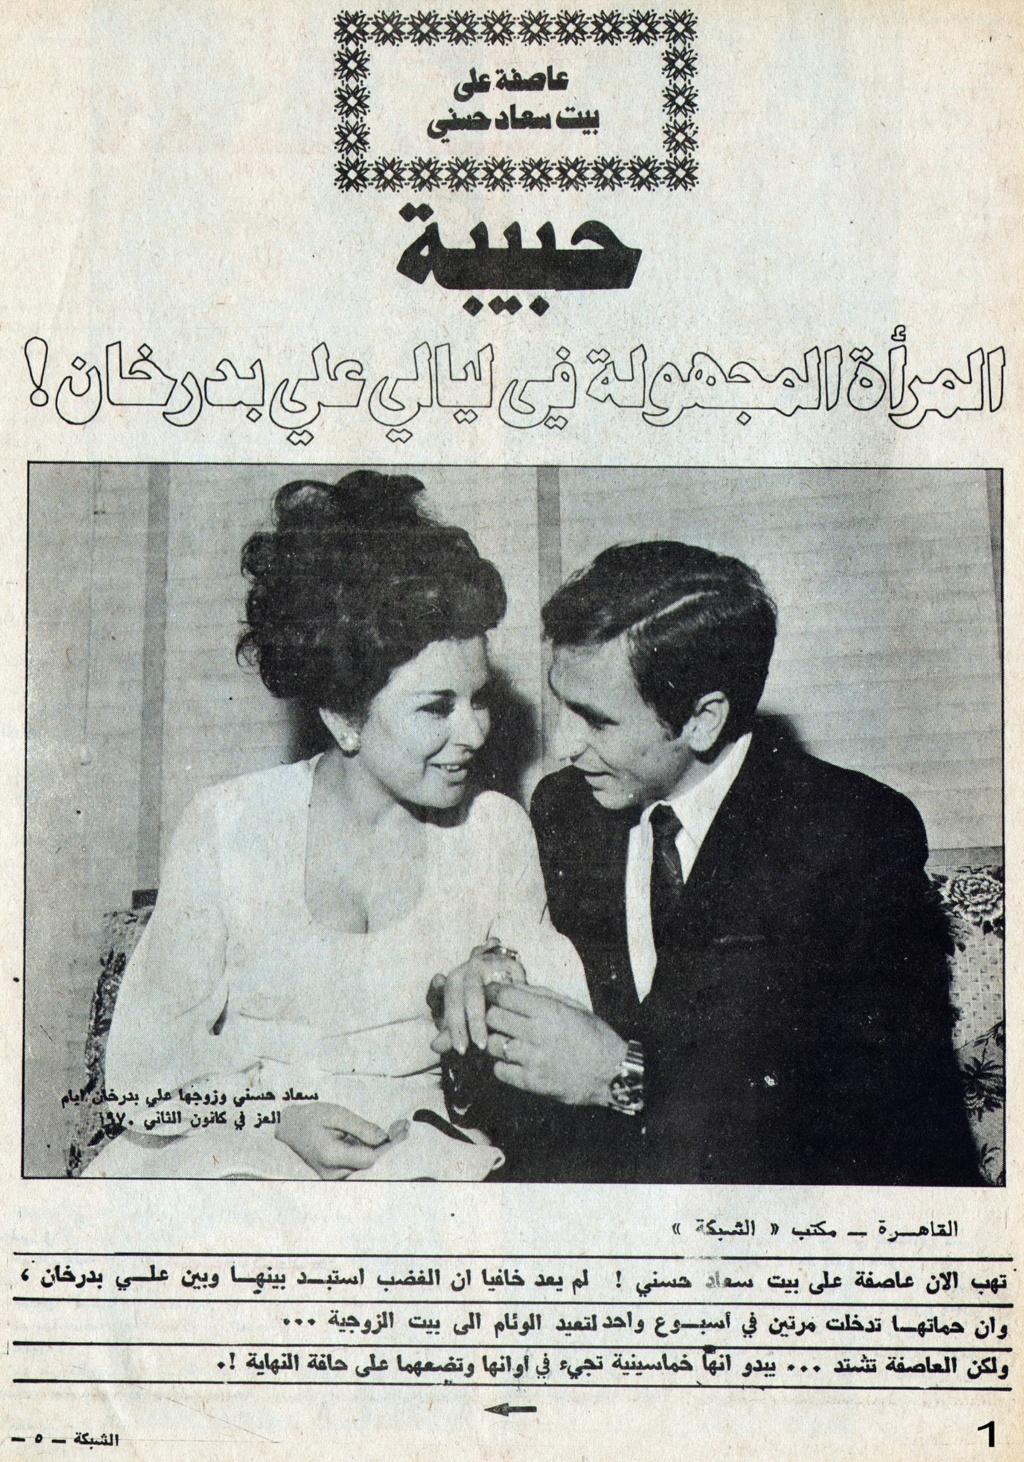 مقال - مقال صحفي : حبيبة , المرأة المجهولة في ليالي علي بدرخان 1973 م 1176